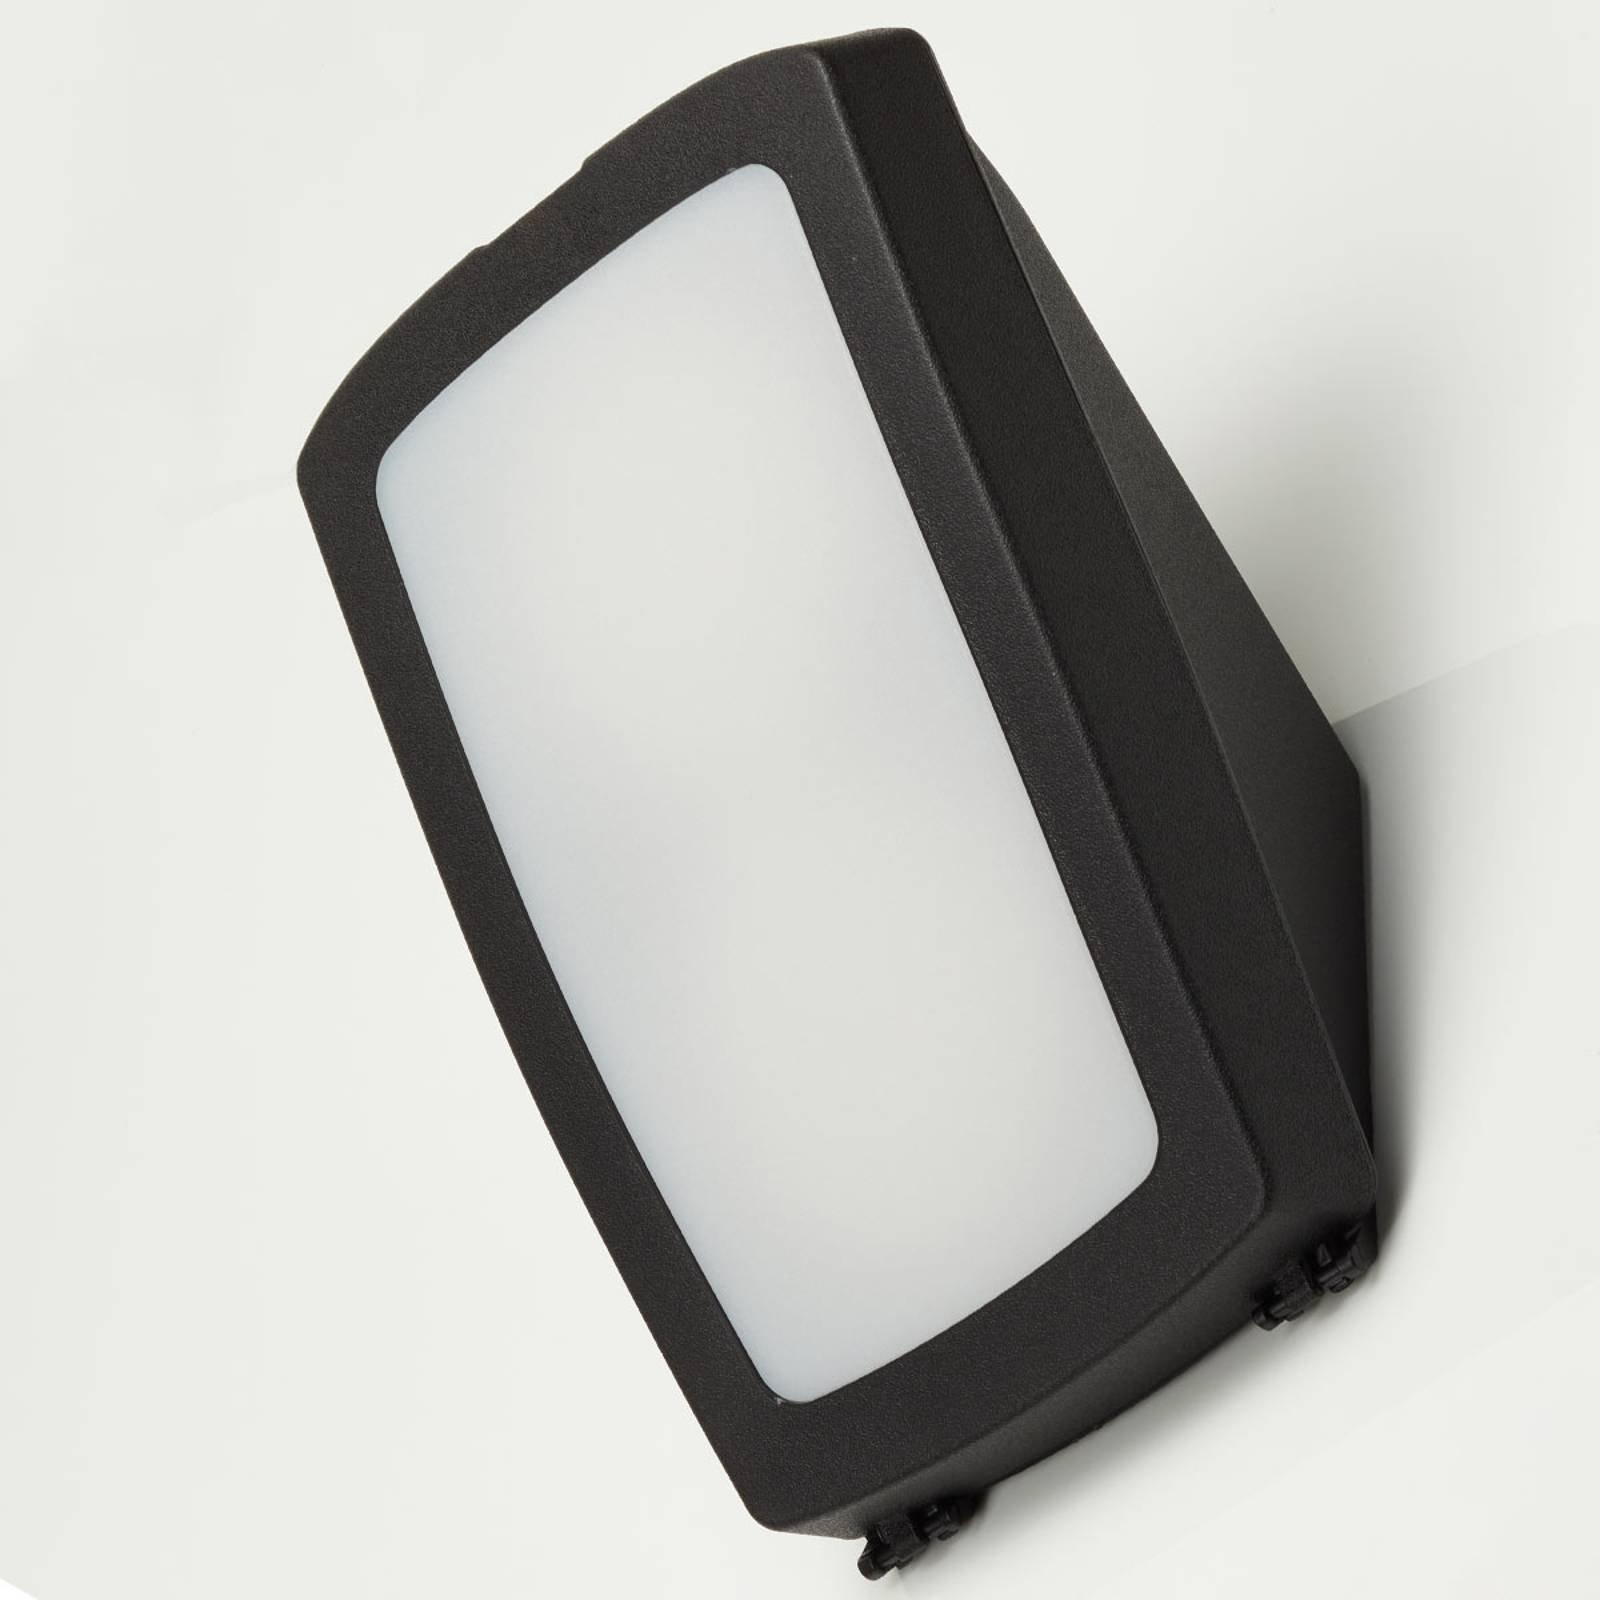 Utendørs LED-vegglampe Germana, svart, 2 x 7 W CCT